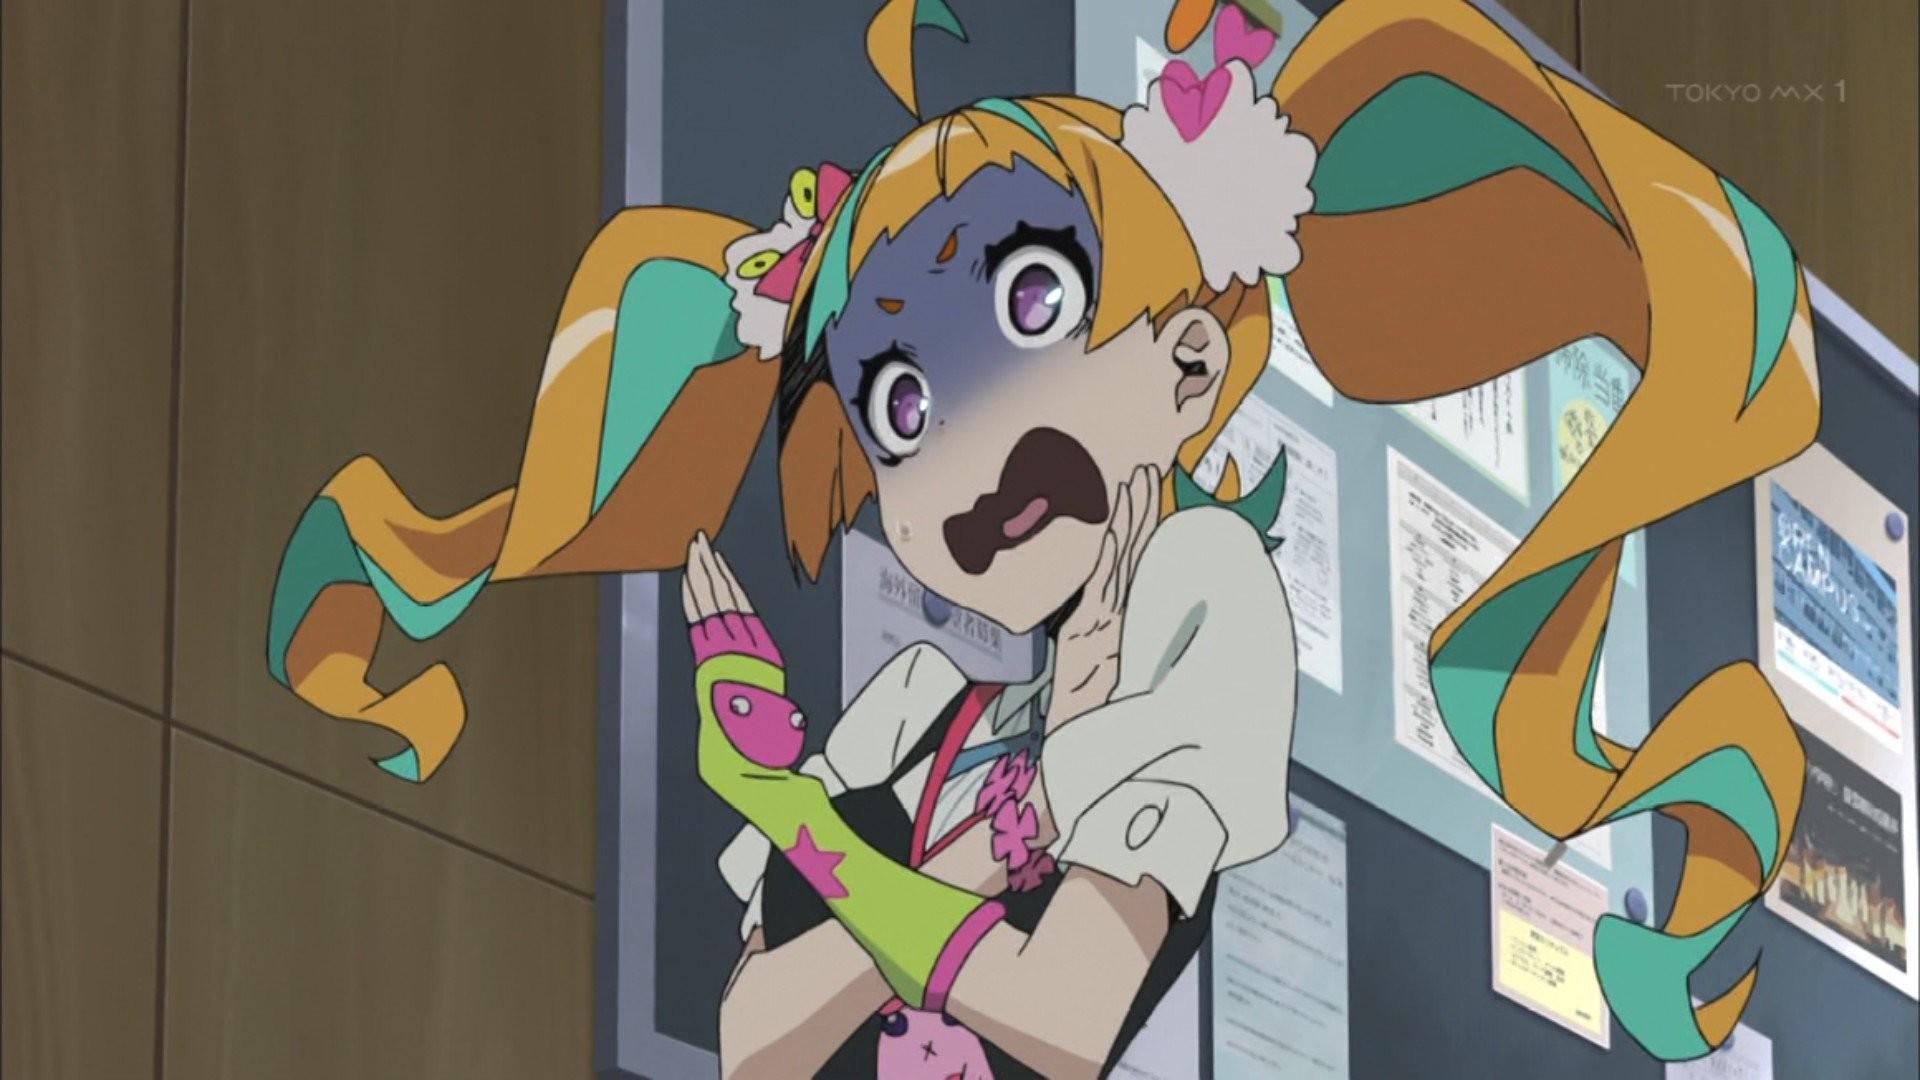 [Spoilers] Kiznaiver – Episode 8 discussion : anime